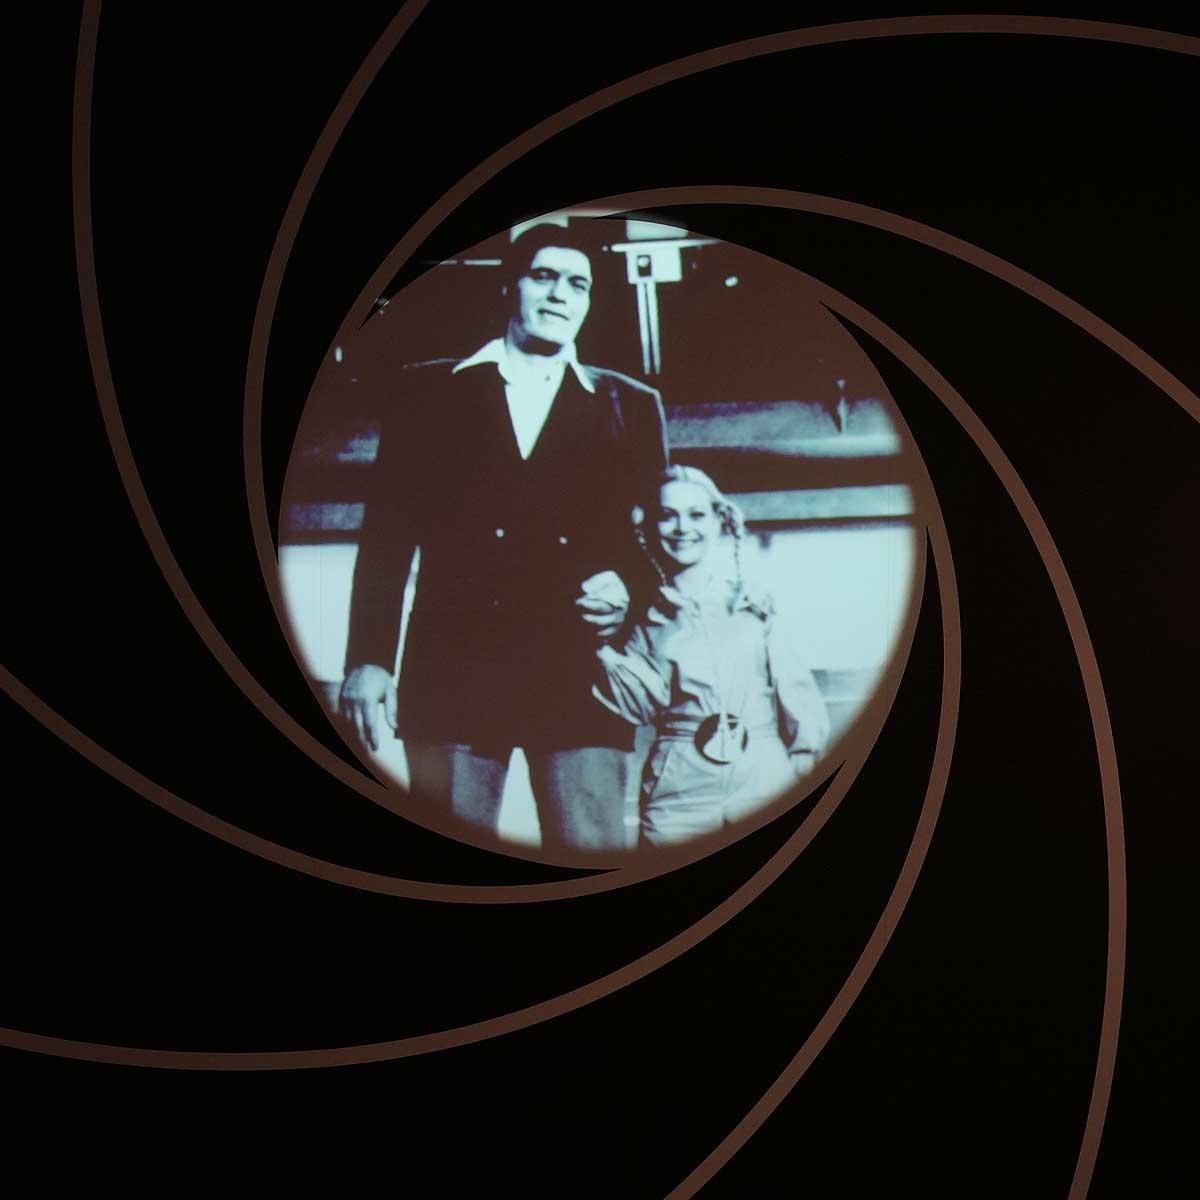 Szenen aus James Bond